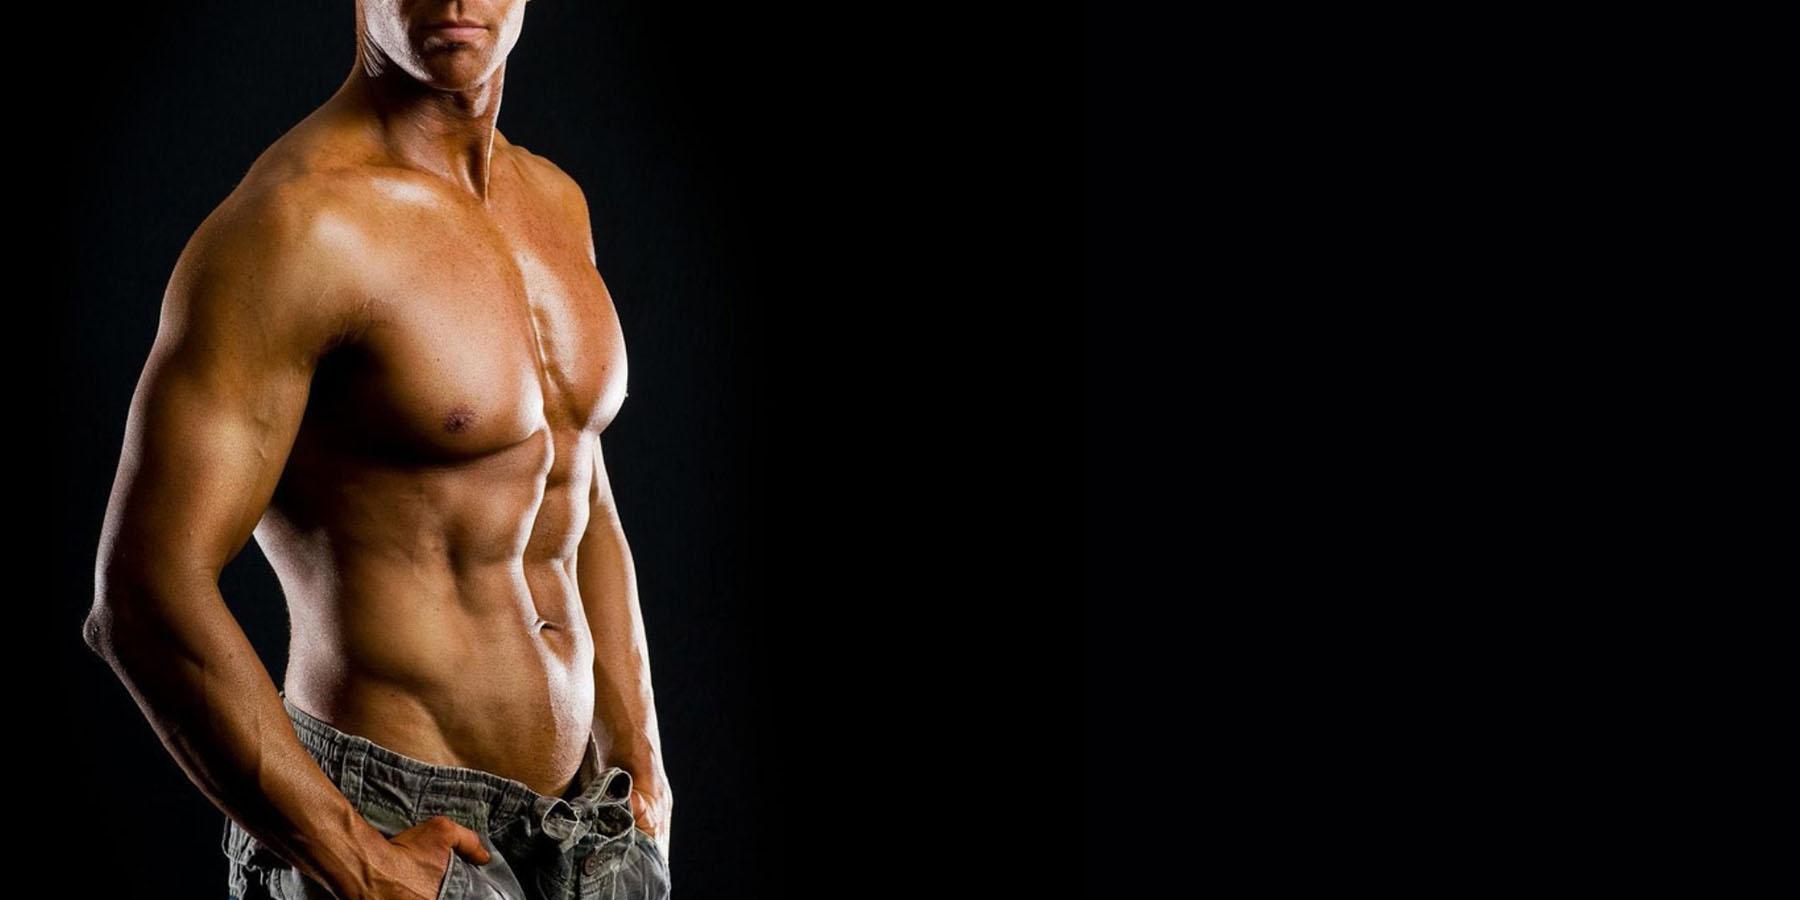 Нужна ли мужчинам эпиляция интимной зоны?